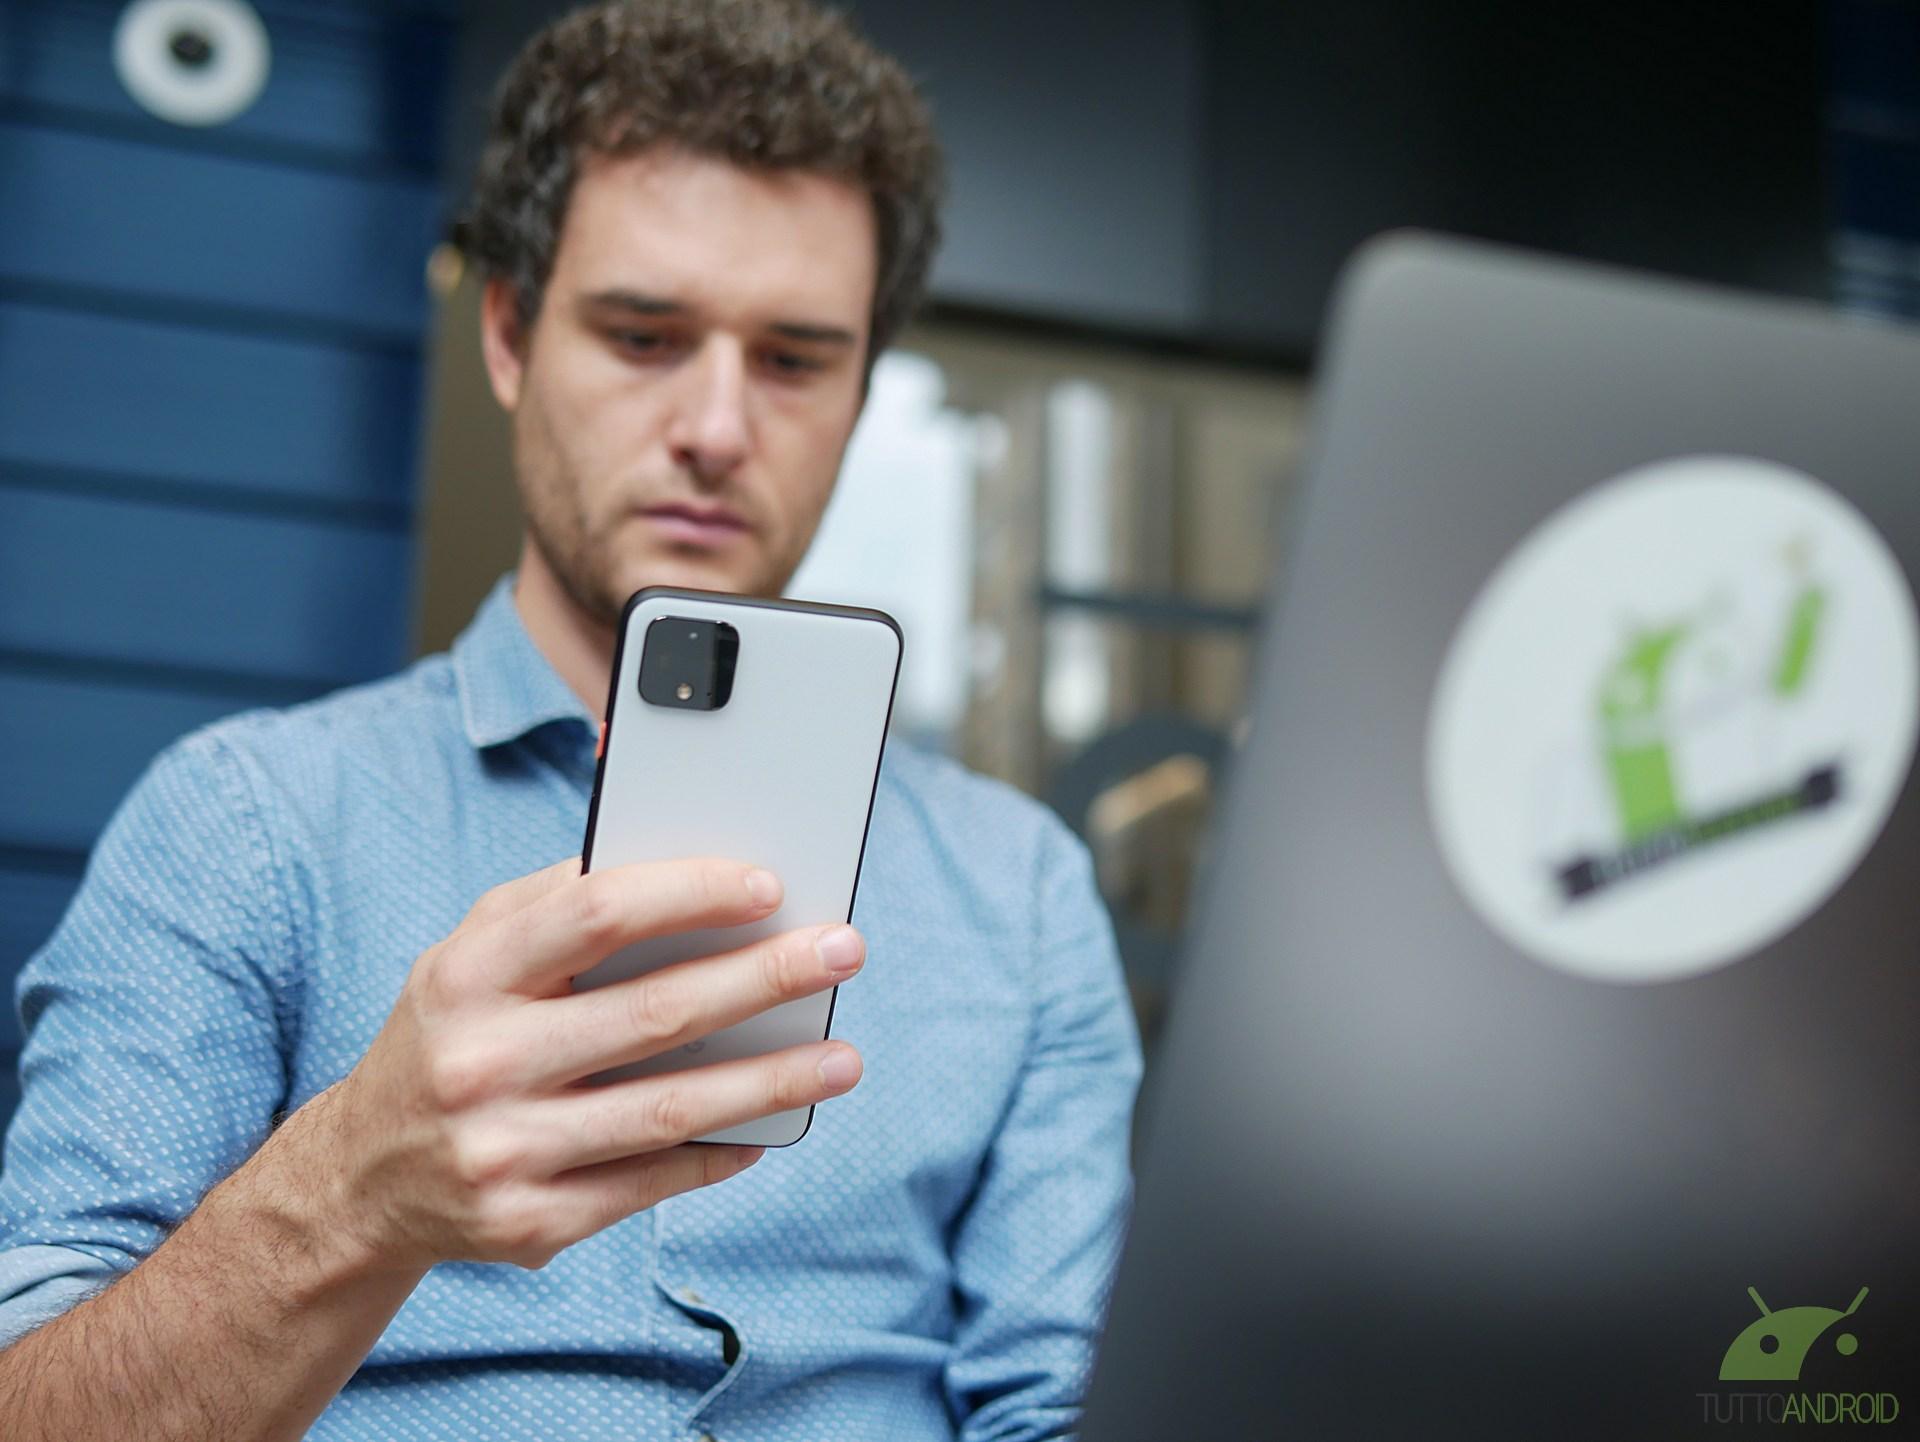 Votare alle elezioni con lo smartphone è realtà: arriva la prova a Seattle